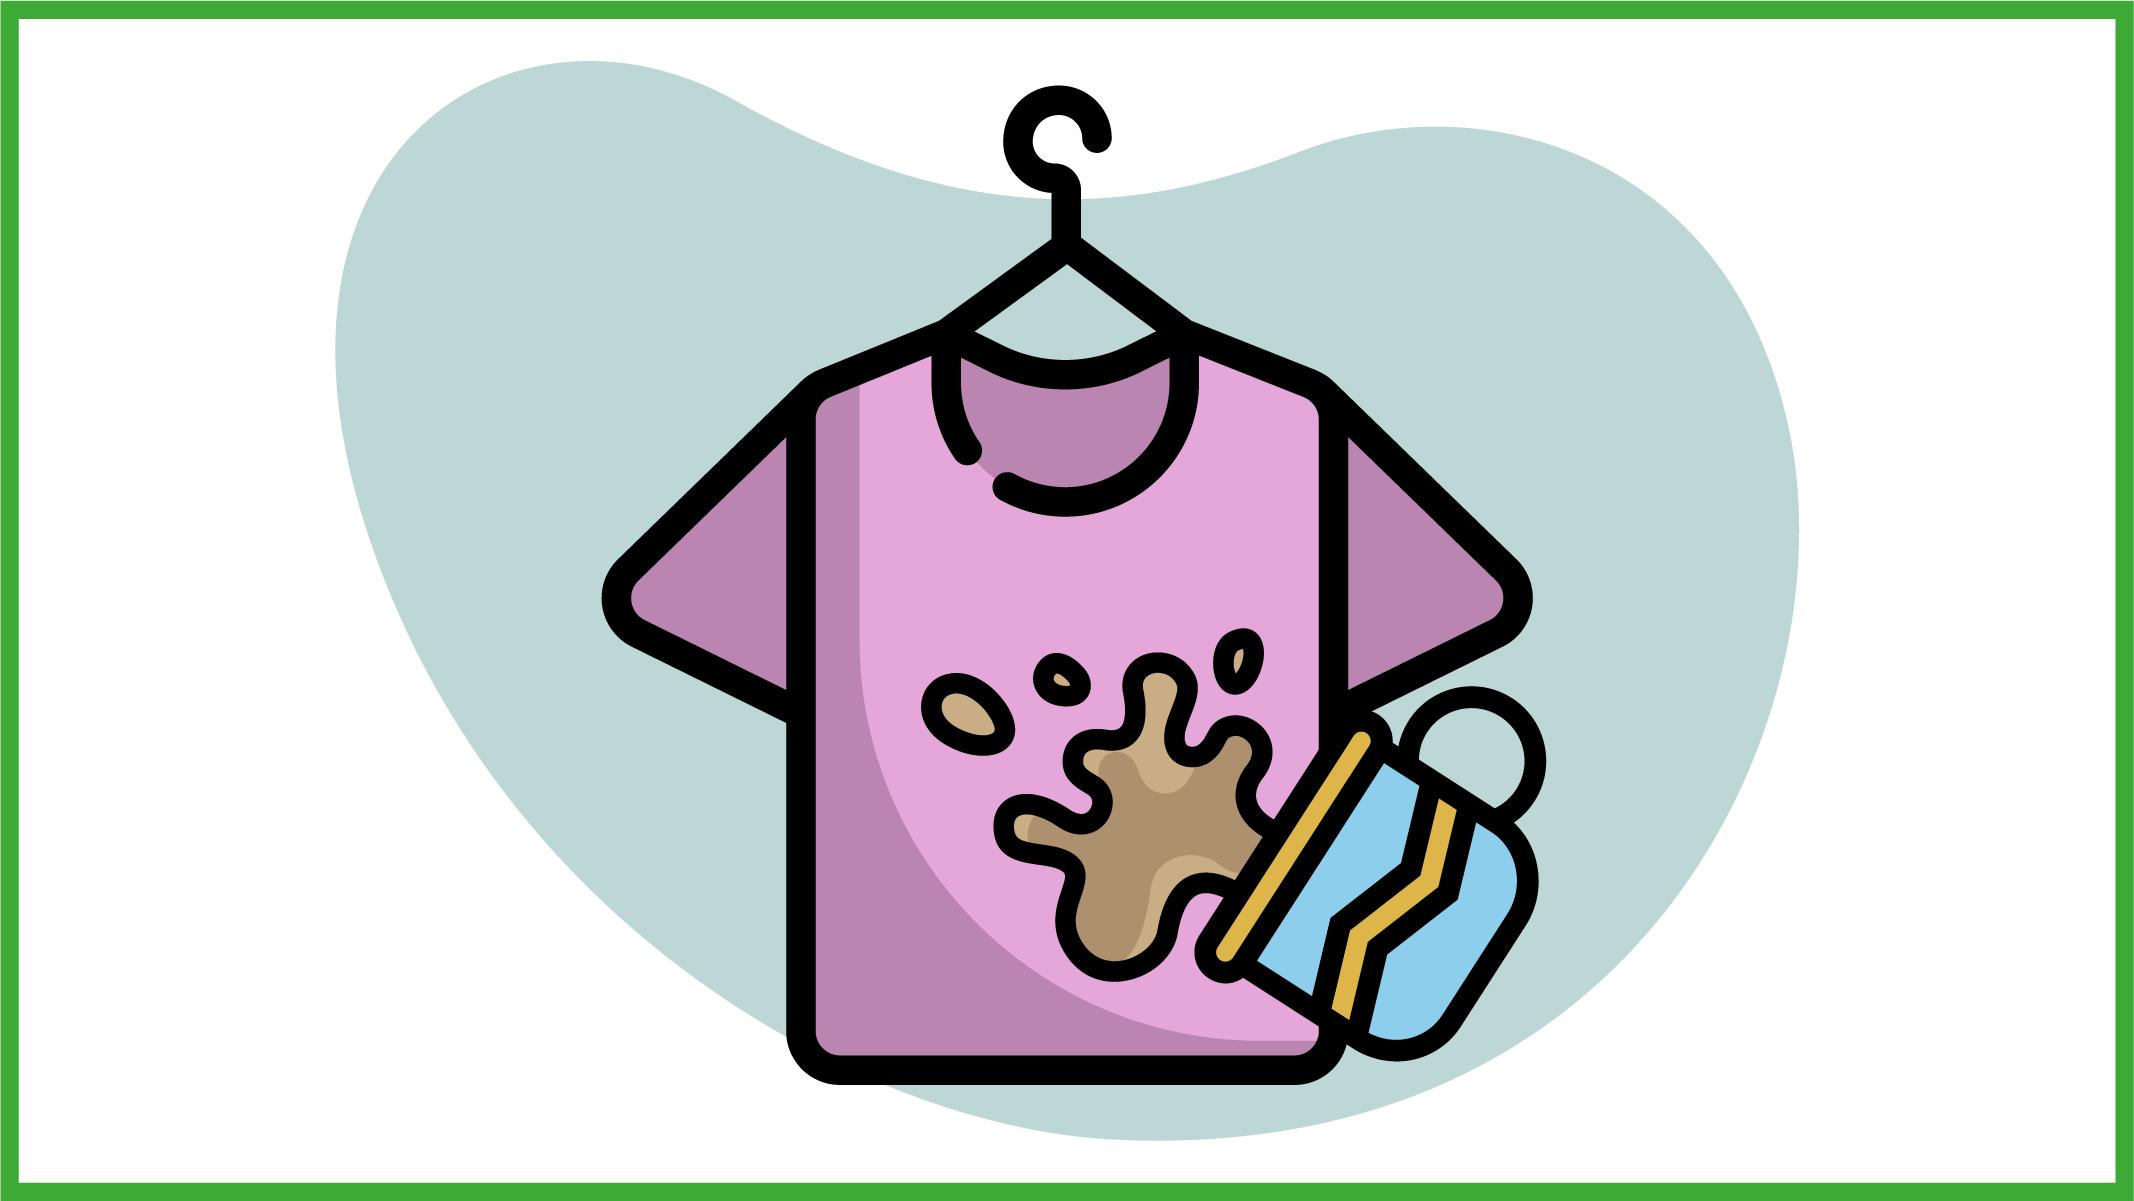 Immagine di una maglietta colorata sporca di caffè